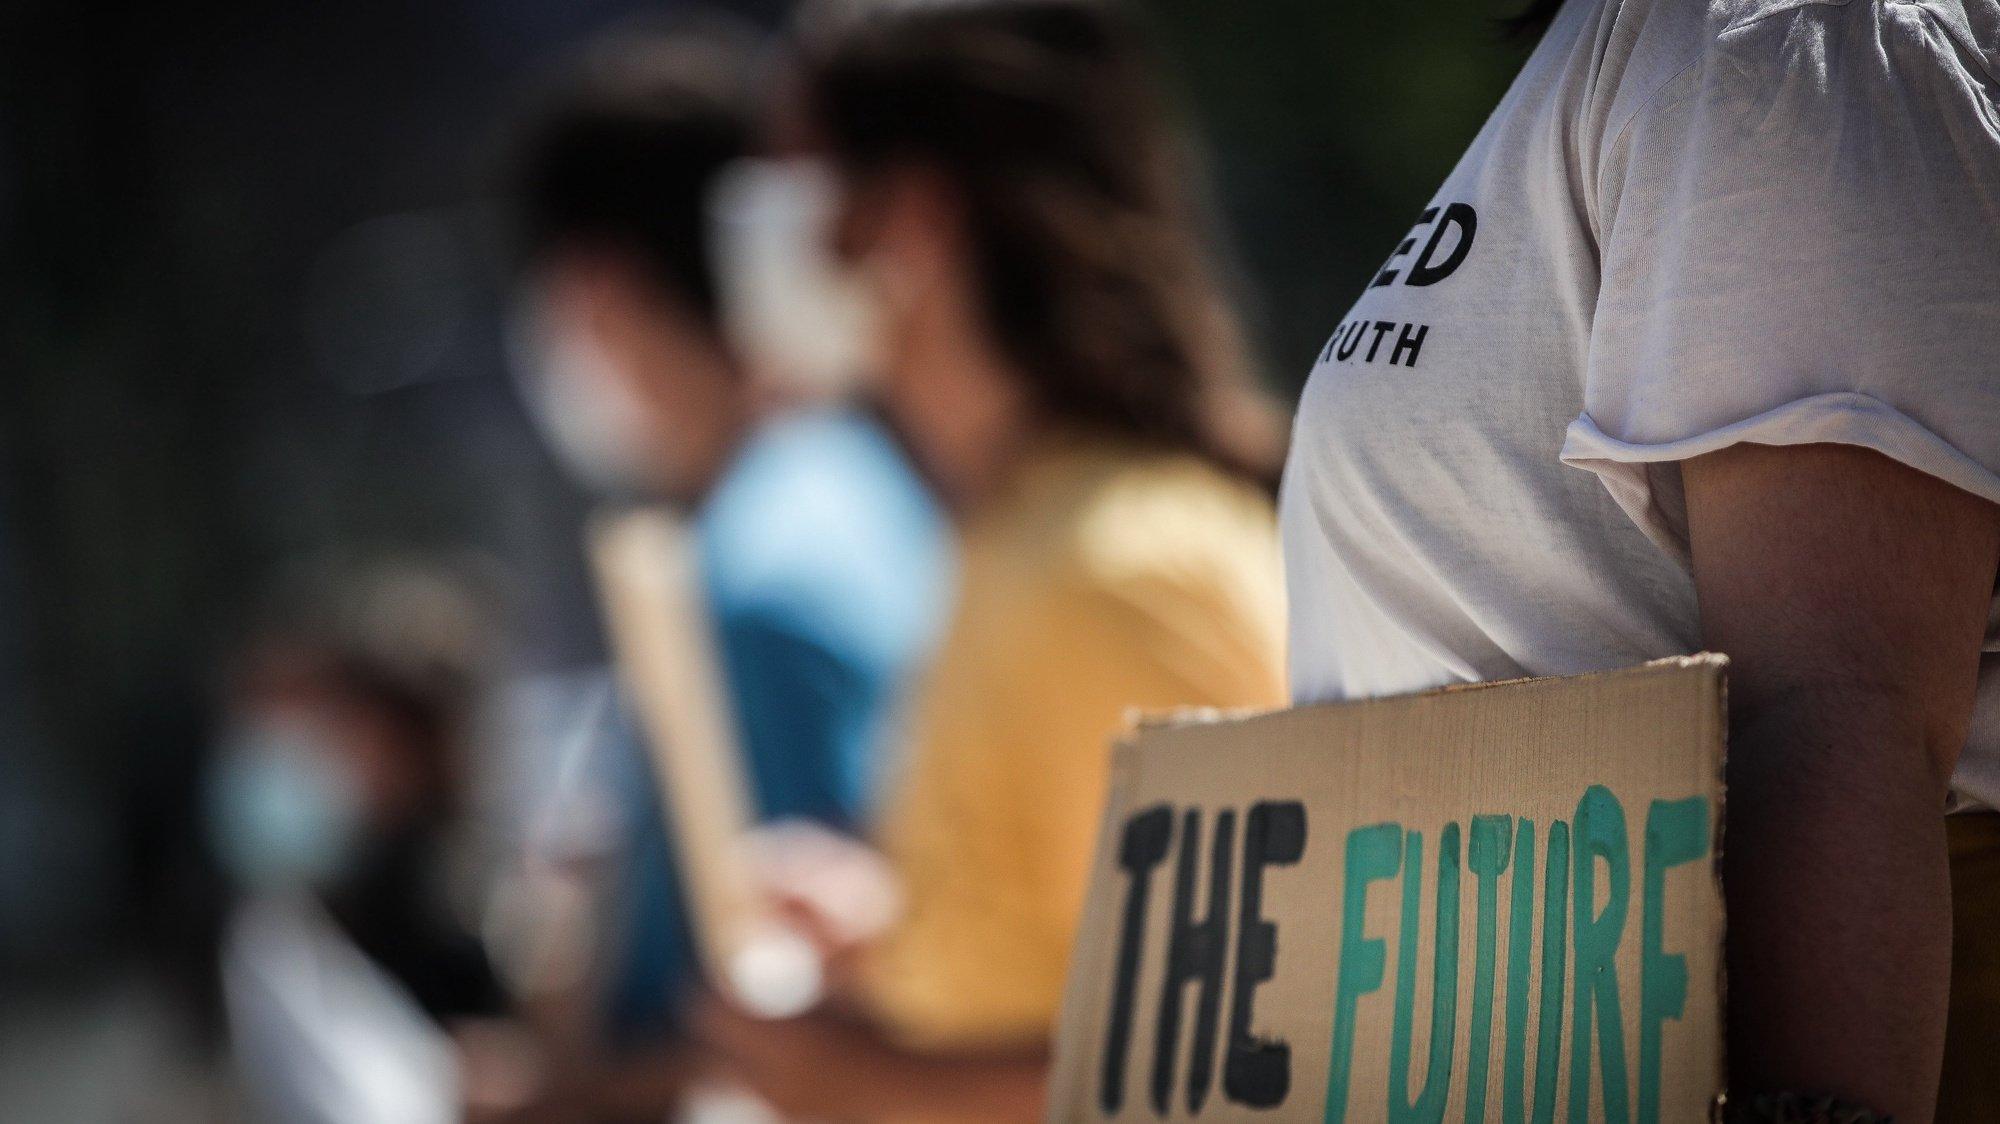 Corrente humana da Greve Climática Estudantil para exigir que a União Europeia atinja o objetivo de uma redução de 65% das emissões até 2030, frente à Assembleia da República, em Lisboa, 16 de junho de 2020. MÁRIO CRUZ/LUSA